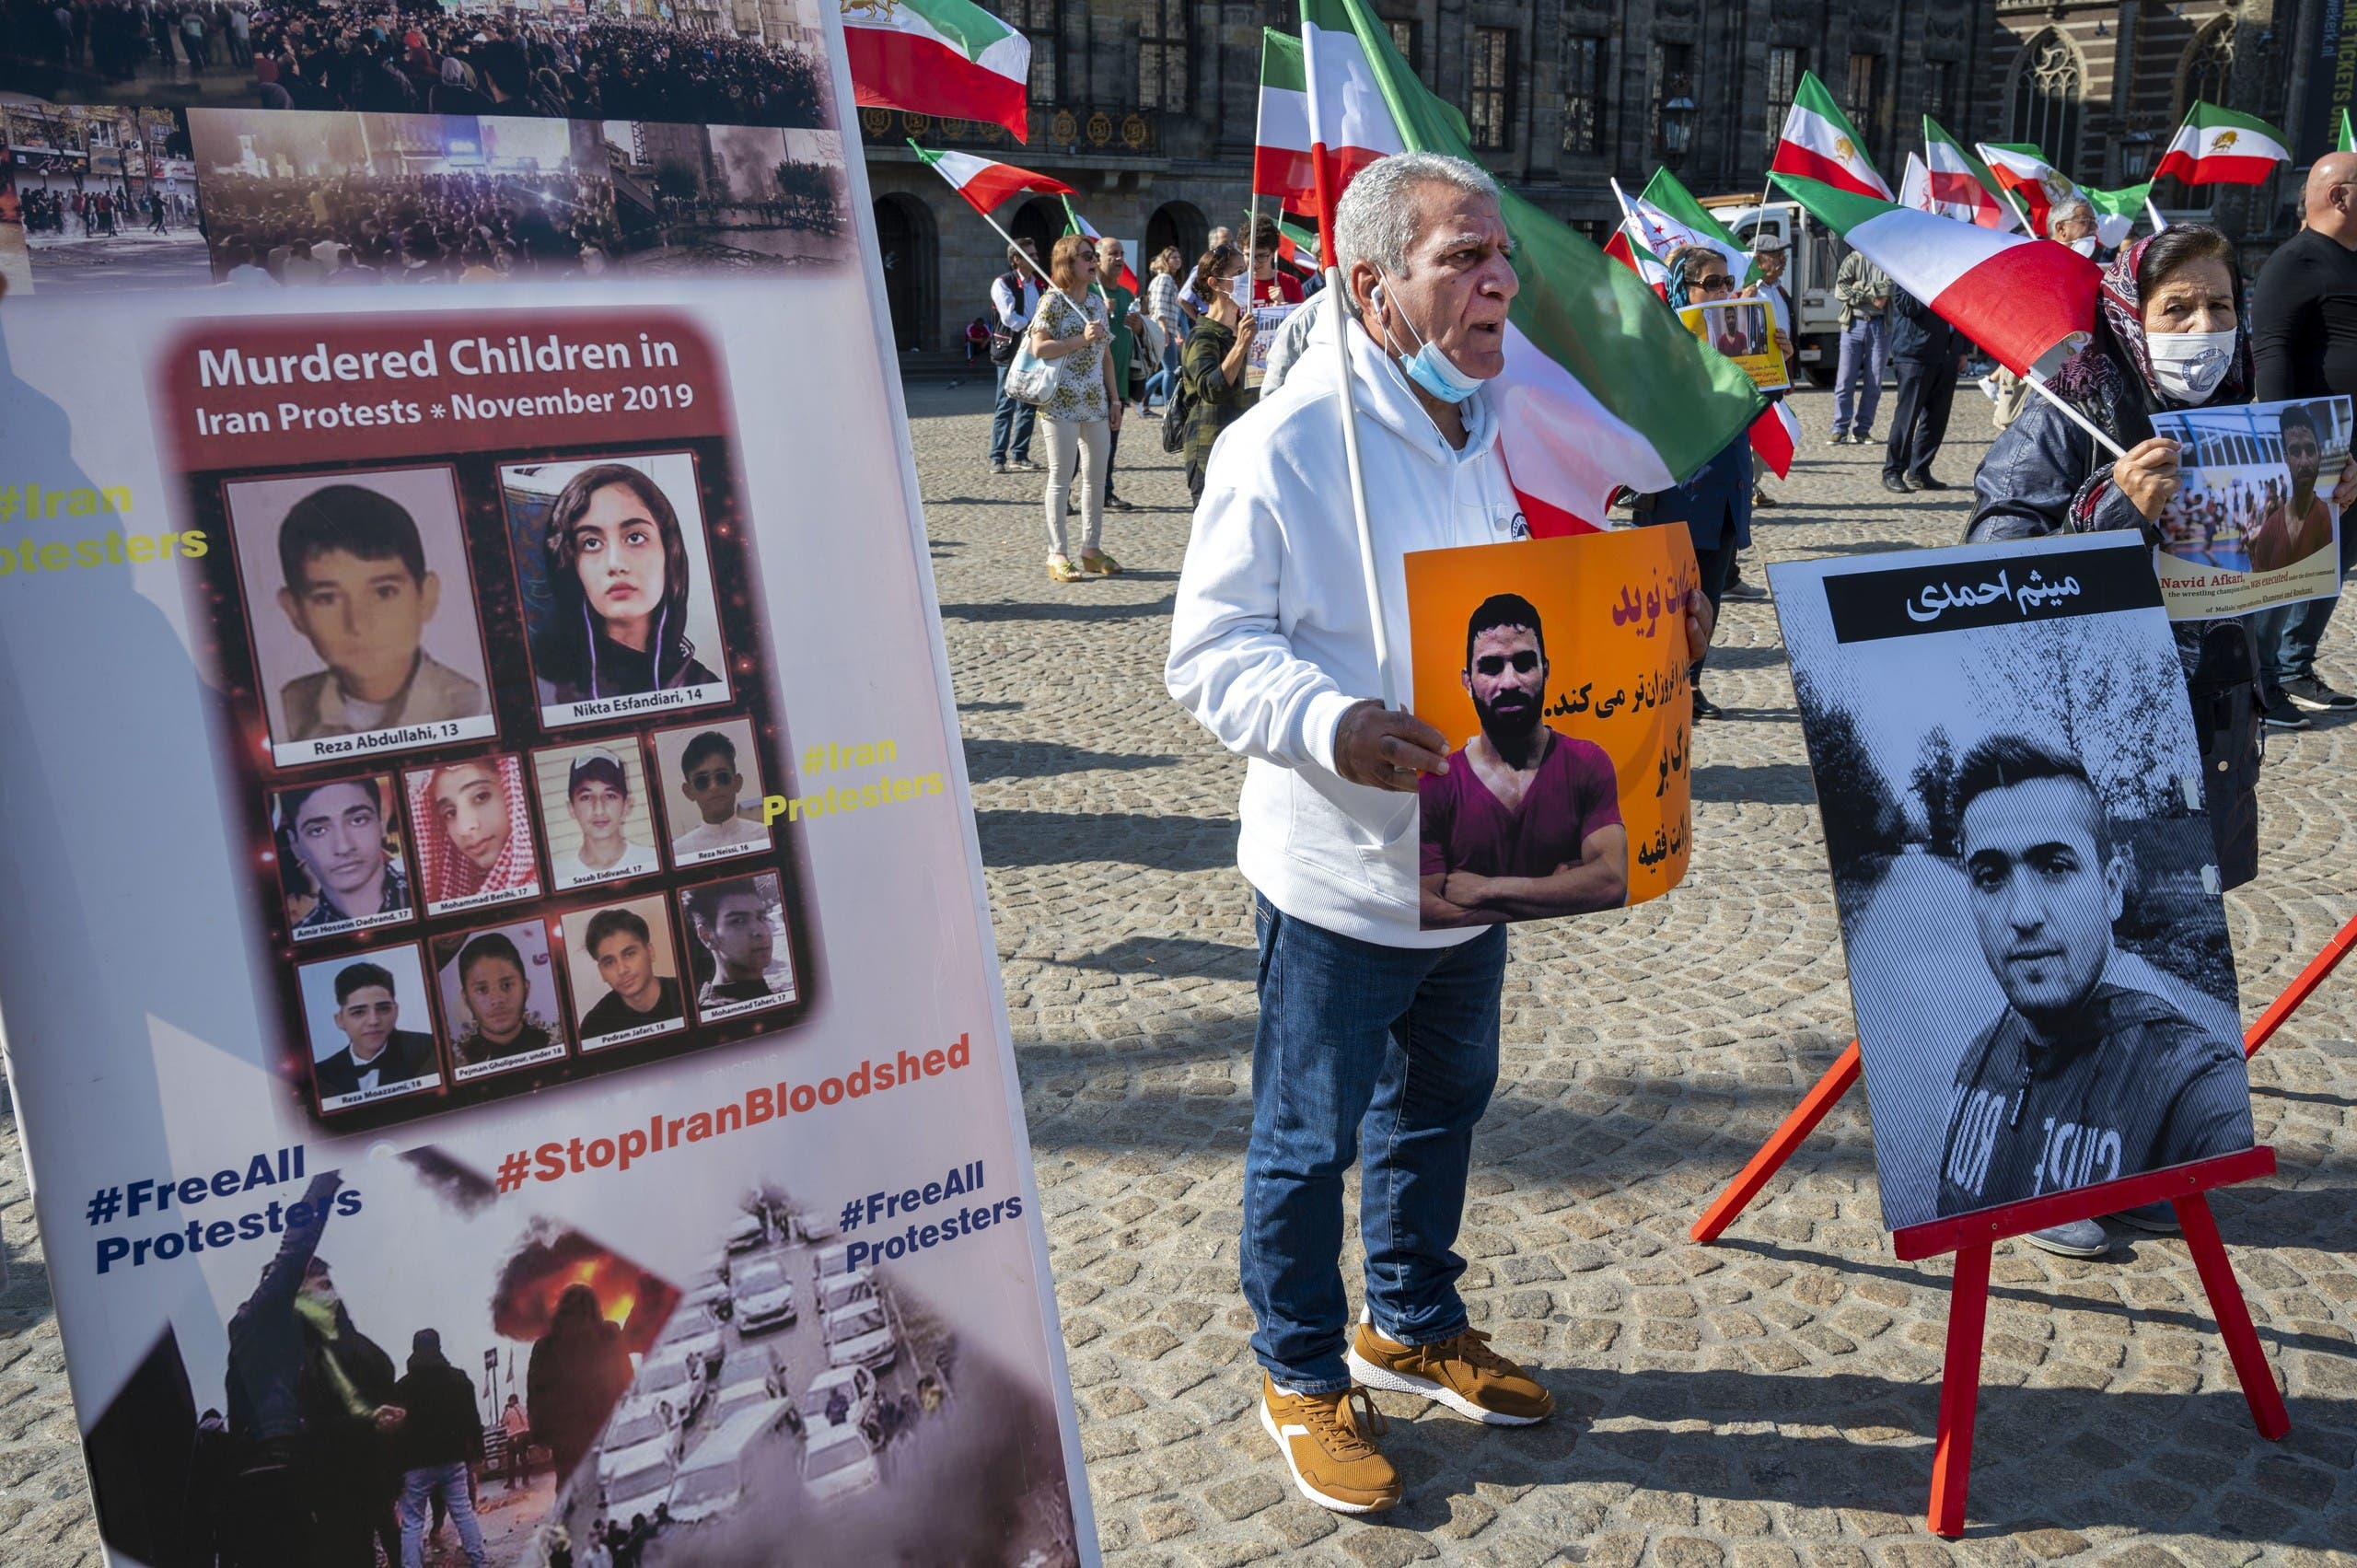 تظاهرة في أمستردام تنديدا بإعدام نويد أفكاري(أرشيفية- فرانس برس)